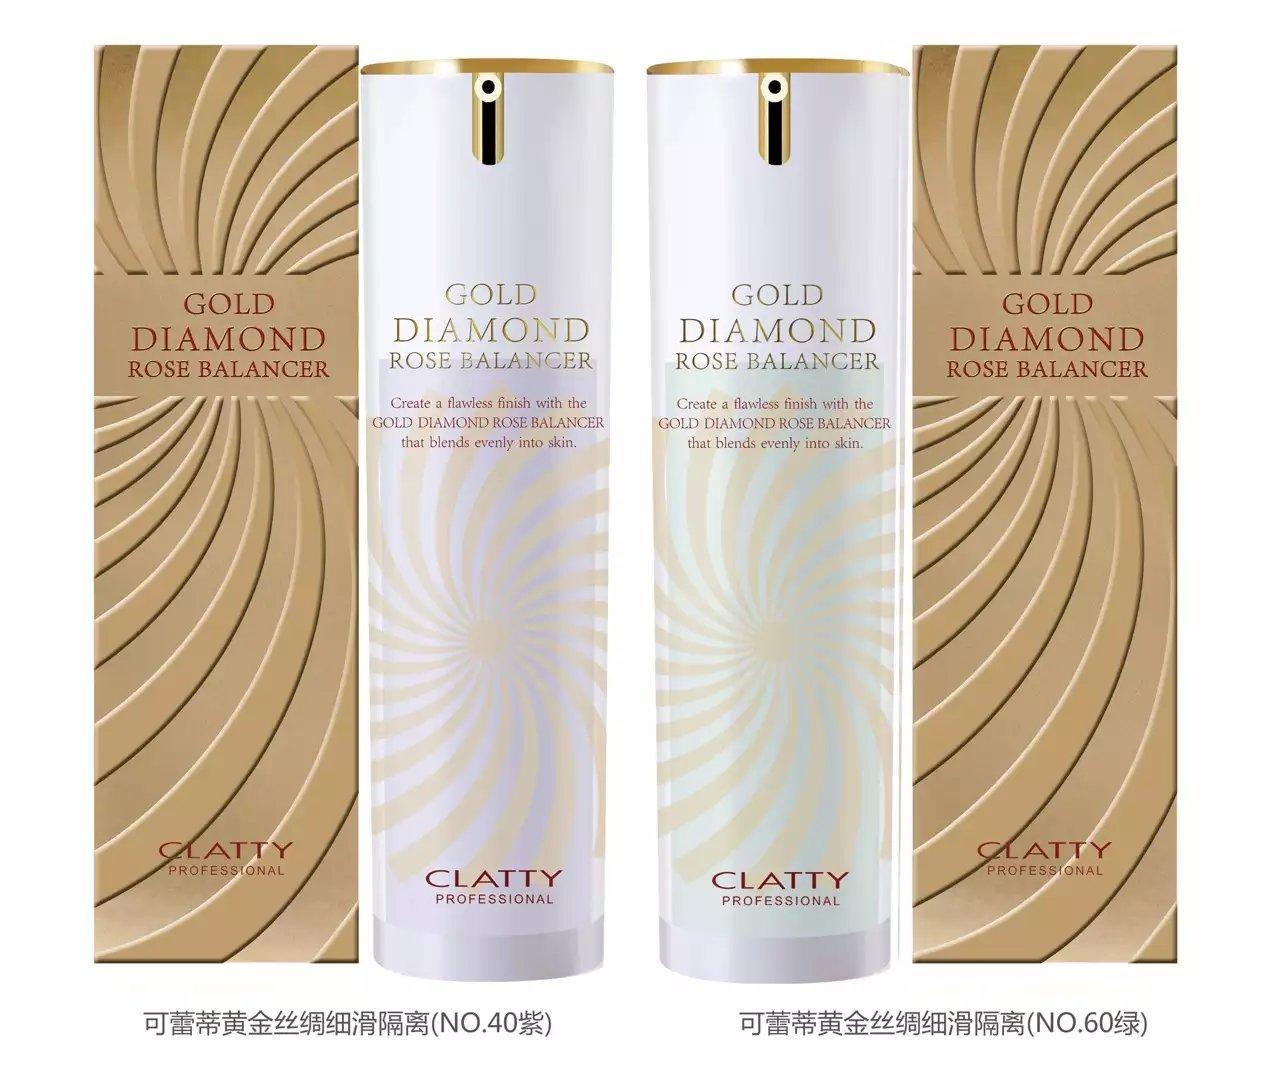 包邮韩国正品CLATTY可蕾蒂黄金丝绸细滑隔离霜 35ml优惠券